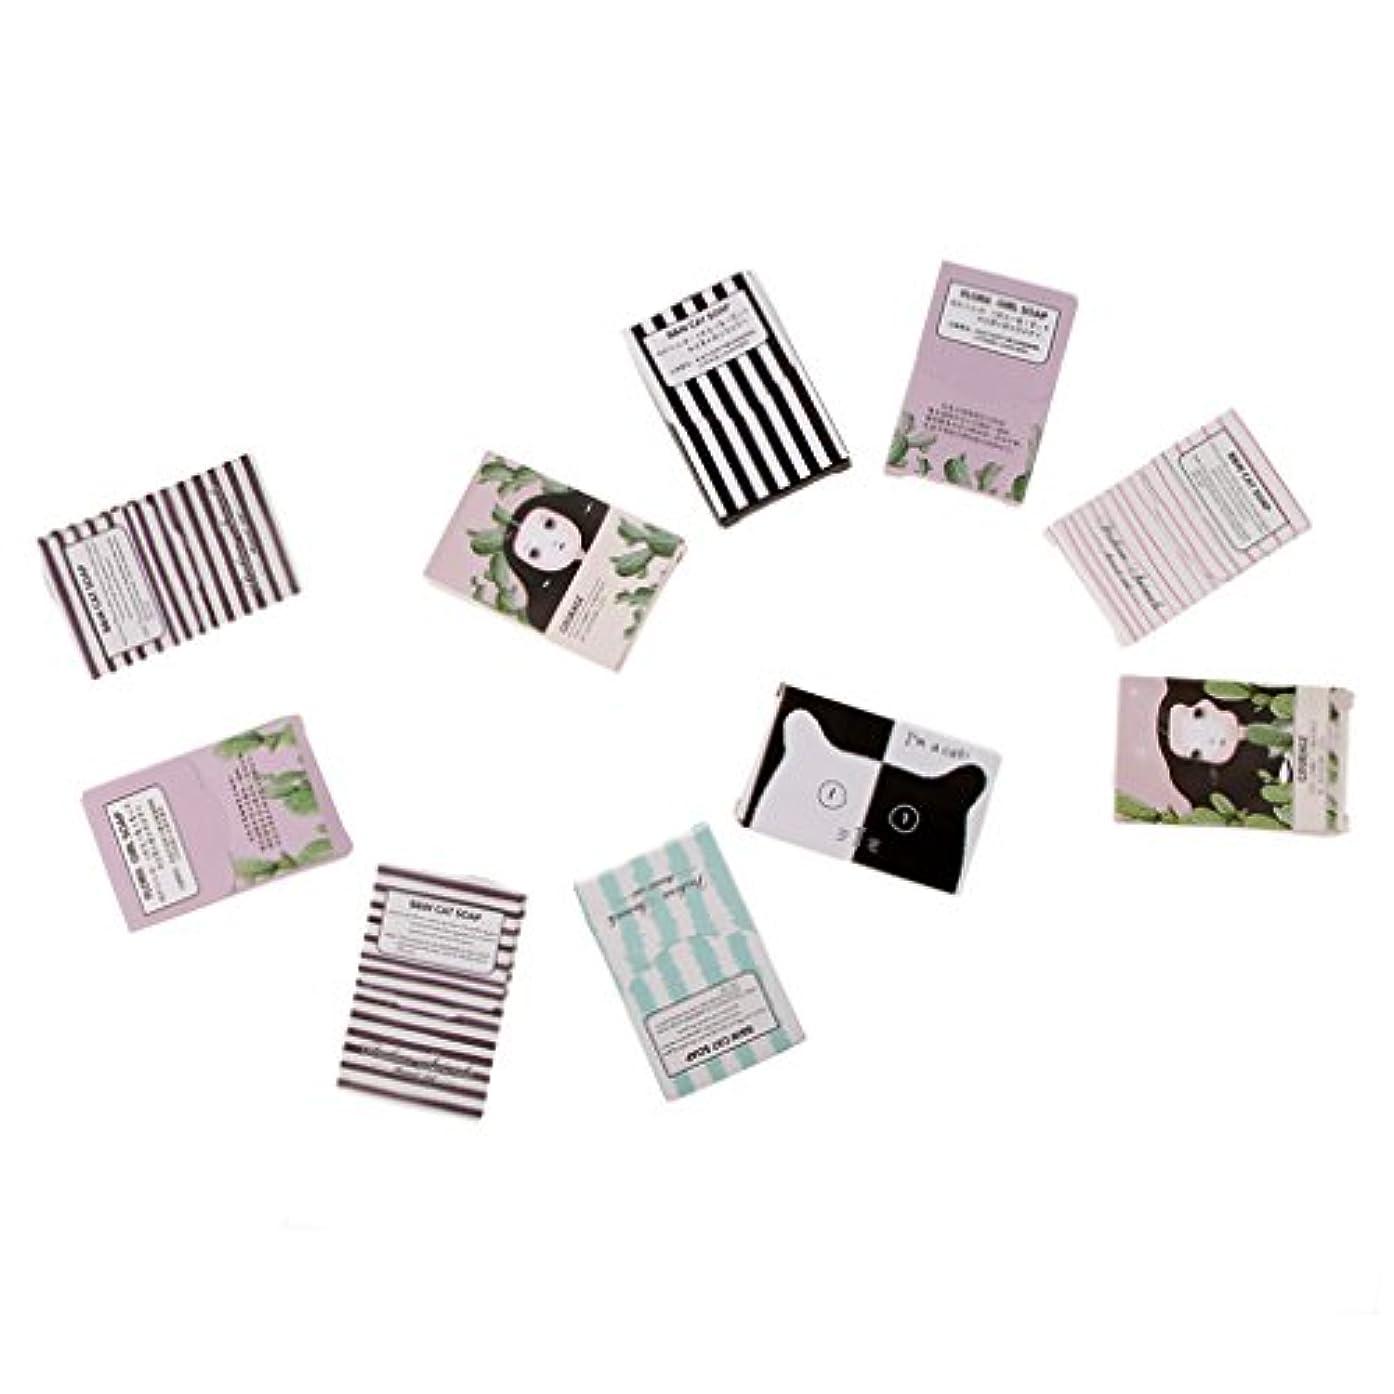 ウール有効ビル石鹸シート 手洗い 石鹸フレーク キャン プアウトドア 旅行紙 約150枚